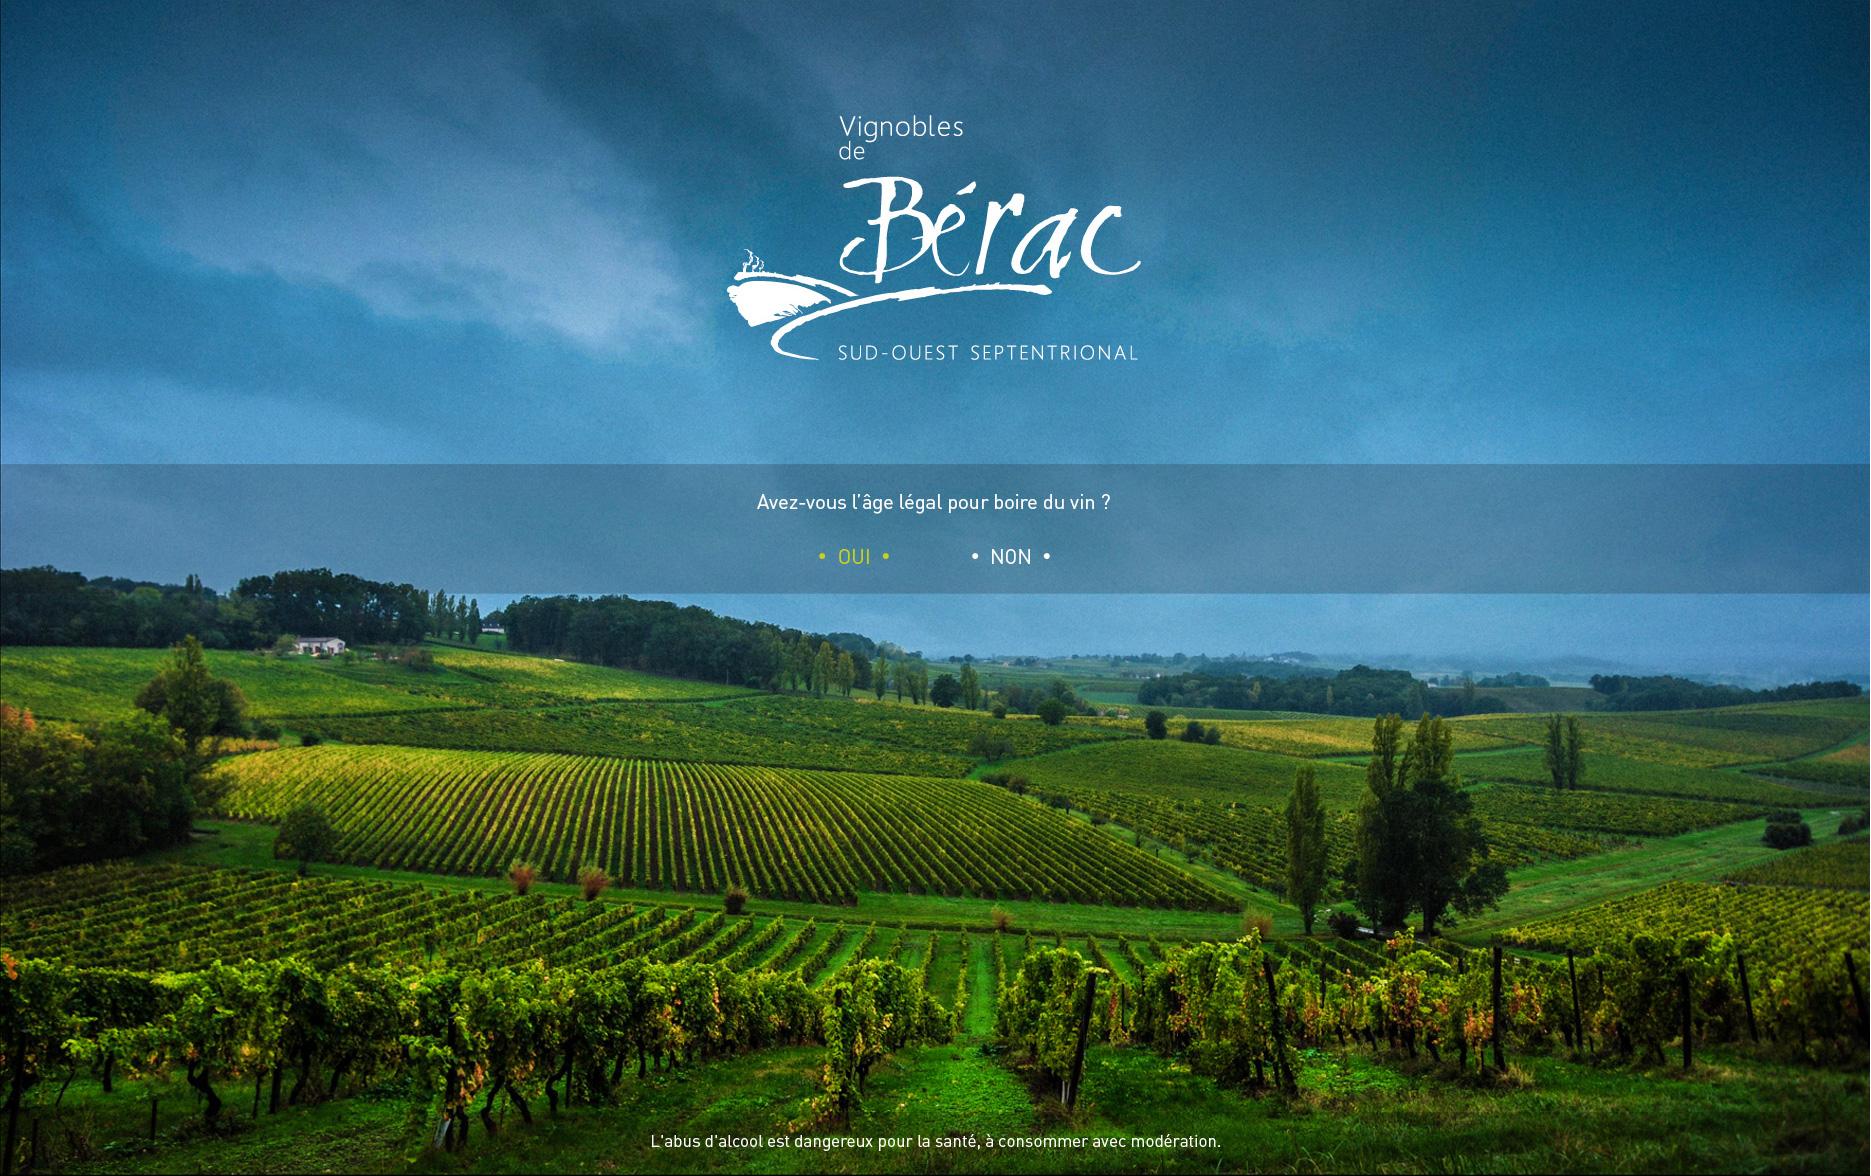 Vignobles de Bérac